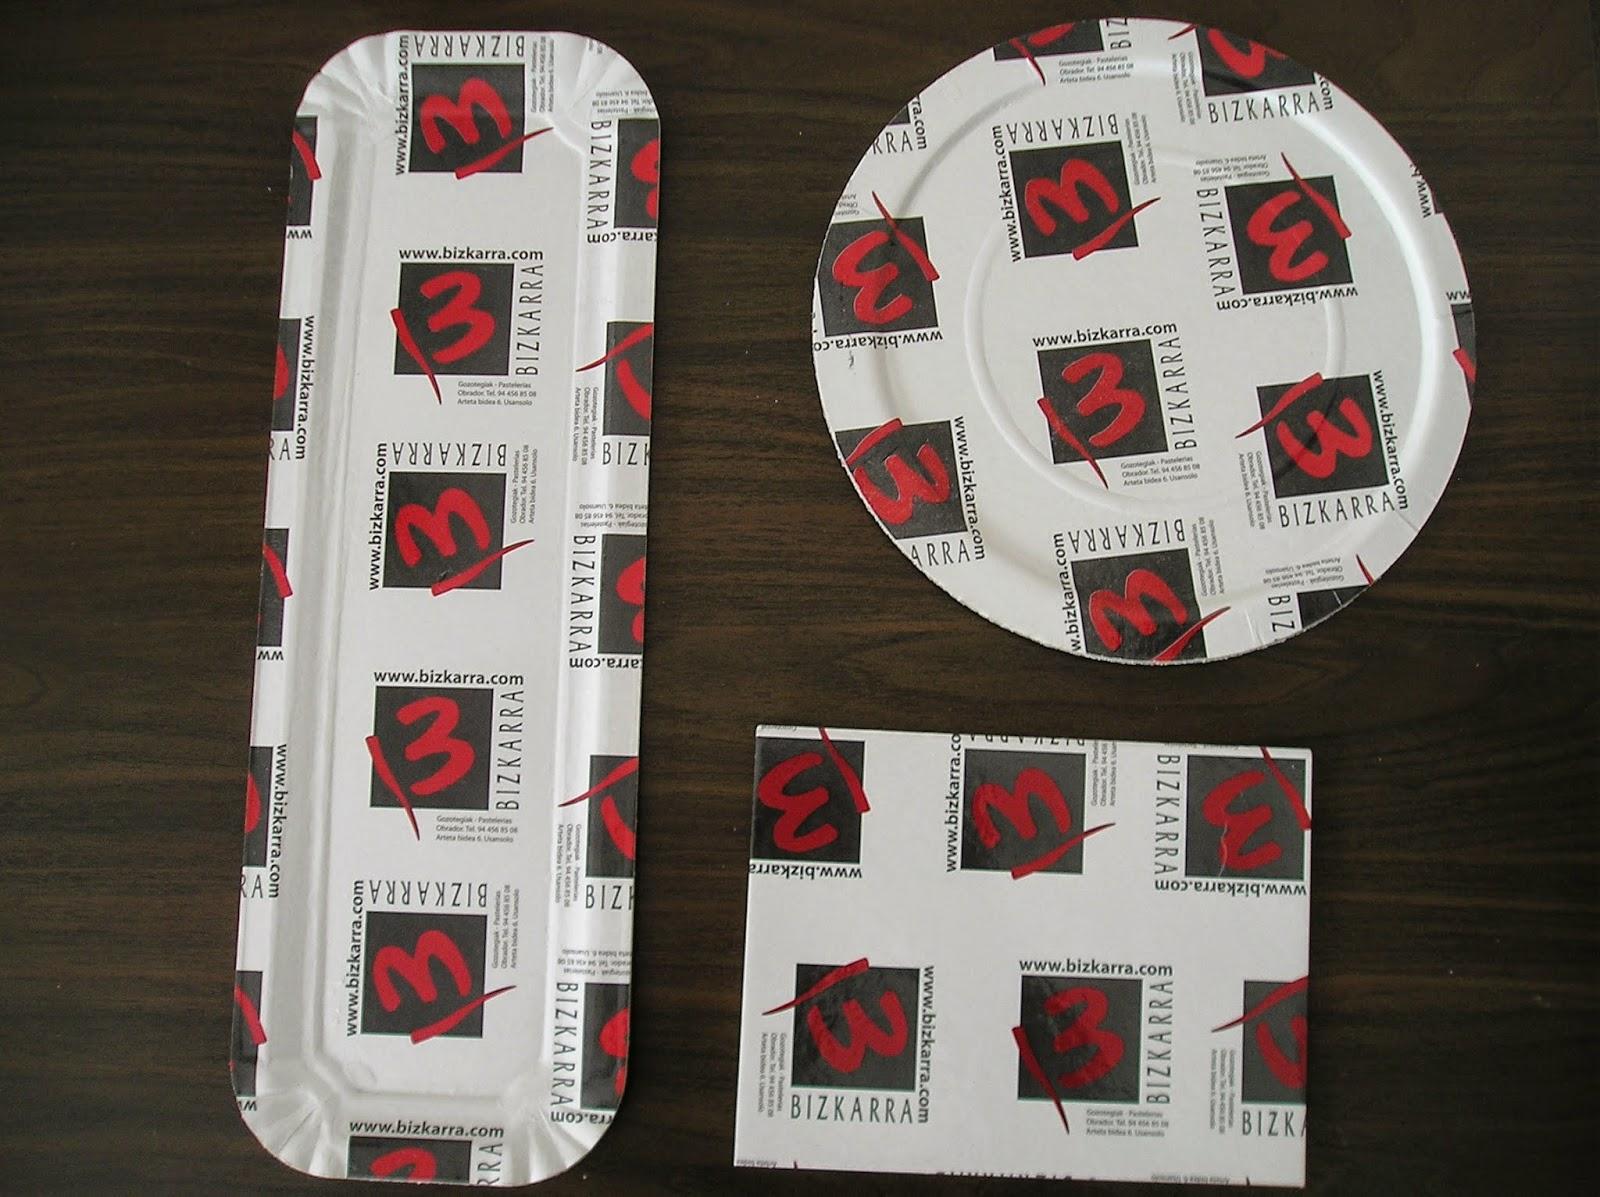 platos y bandejas de carton impresos